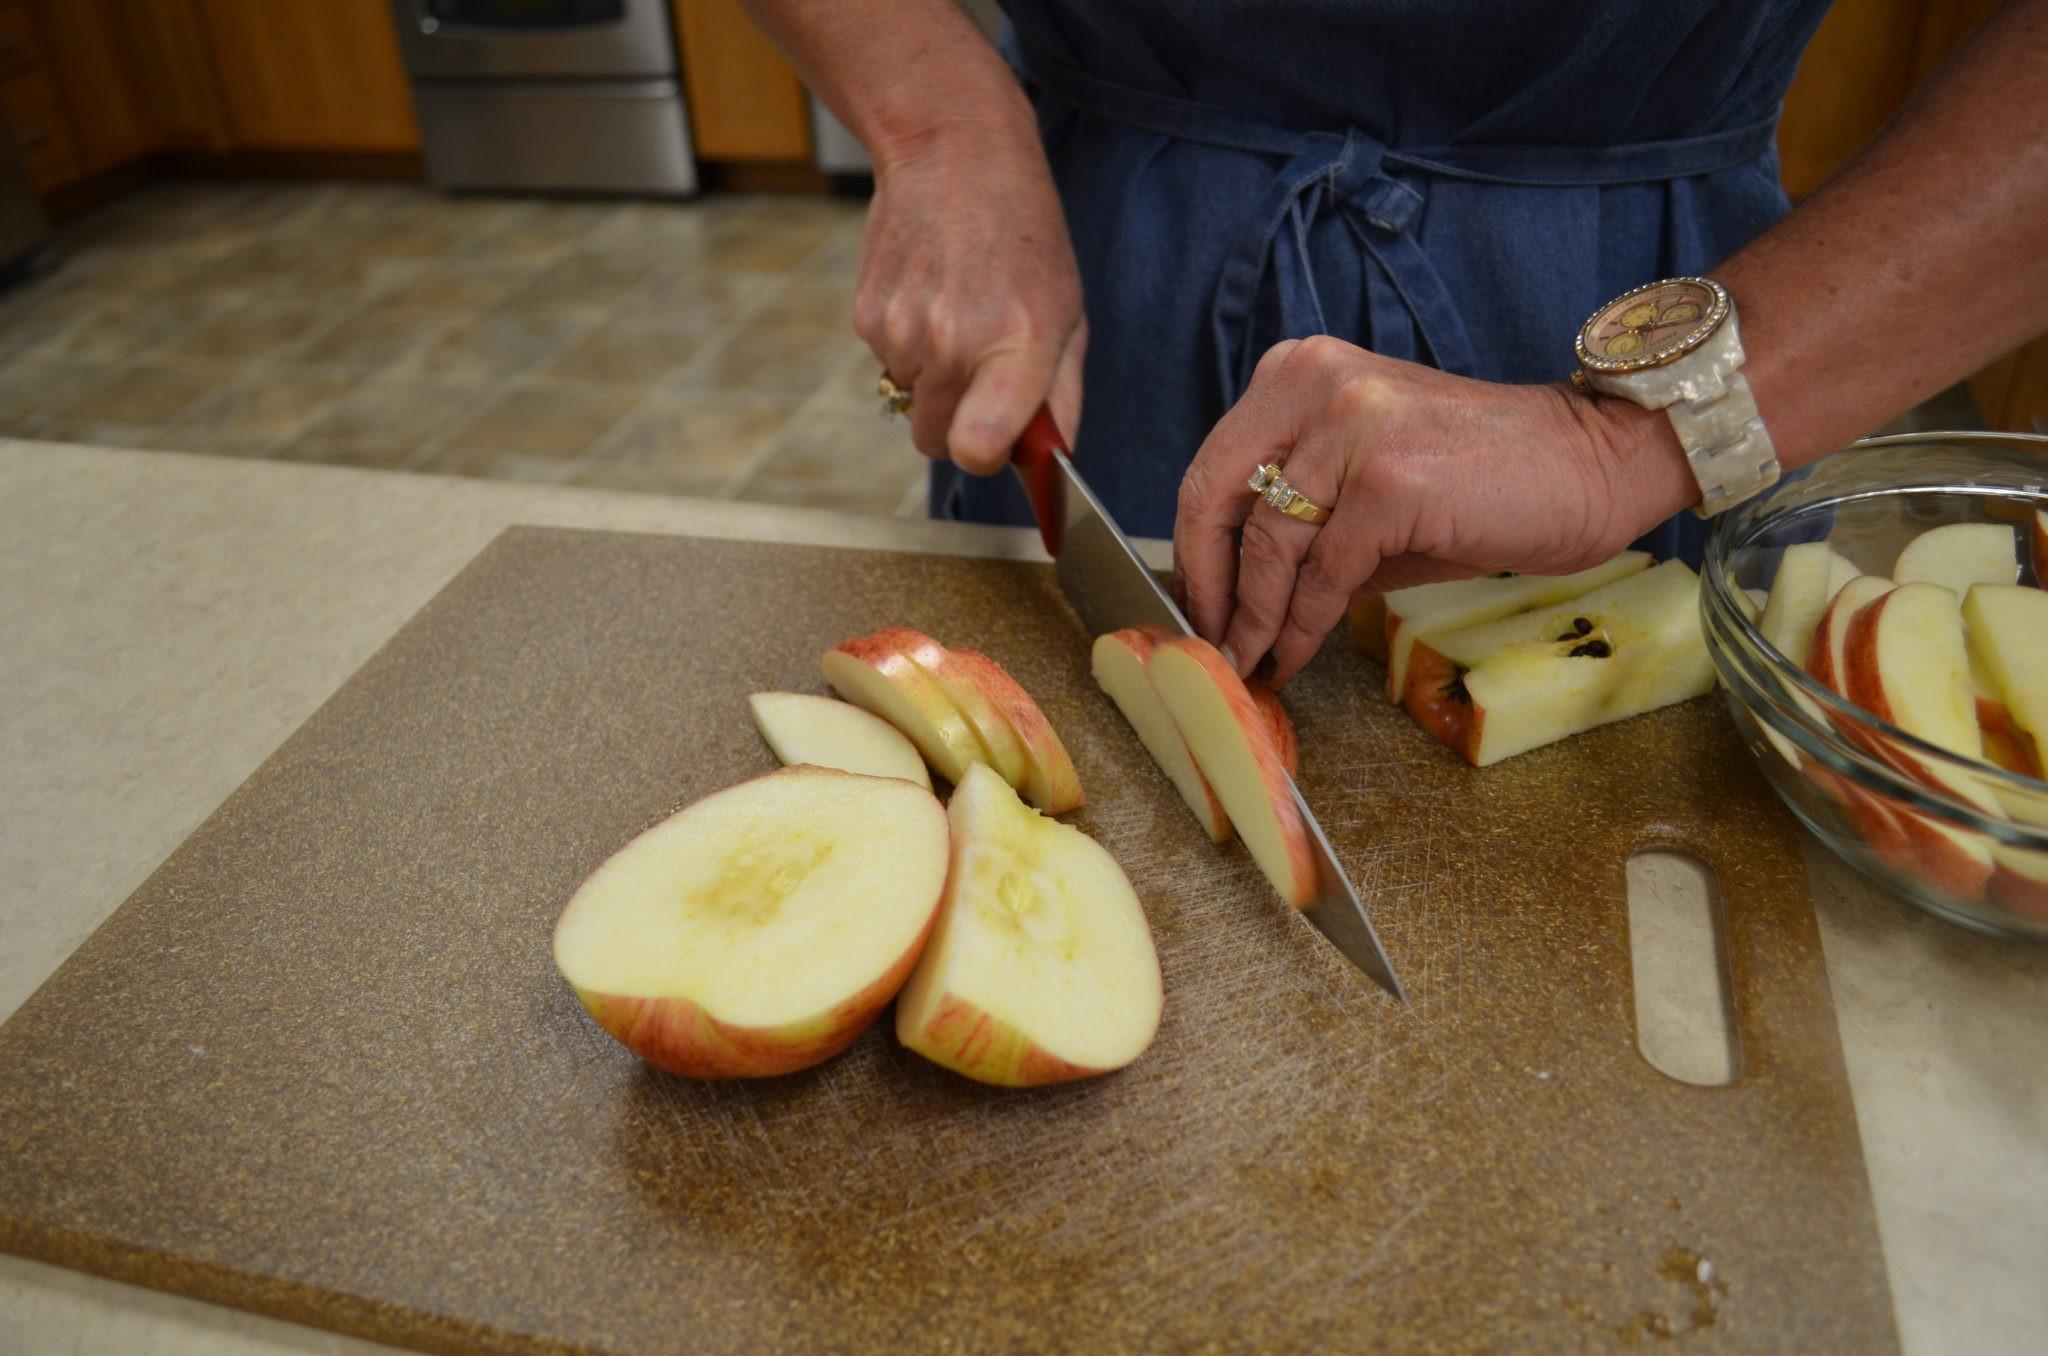 طرق تقطيع الفاكهة لتزيين التورتة - طريقة تقطيع التفاح 3